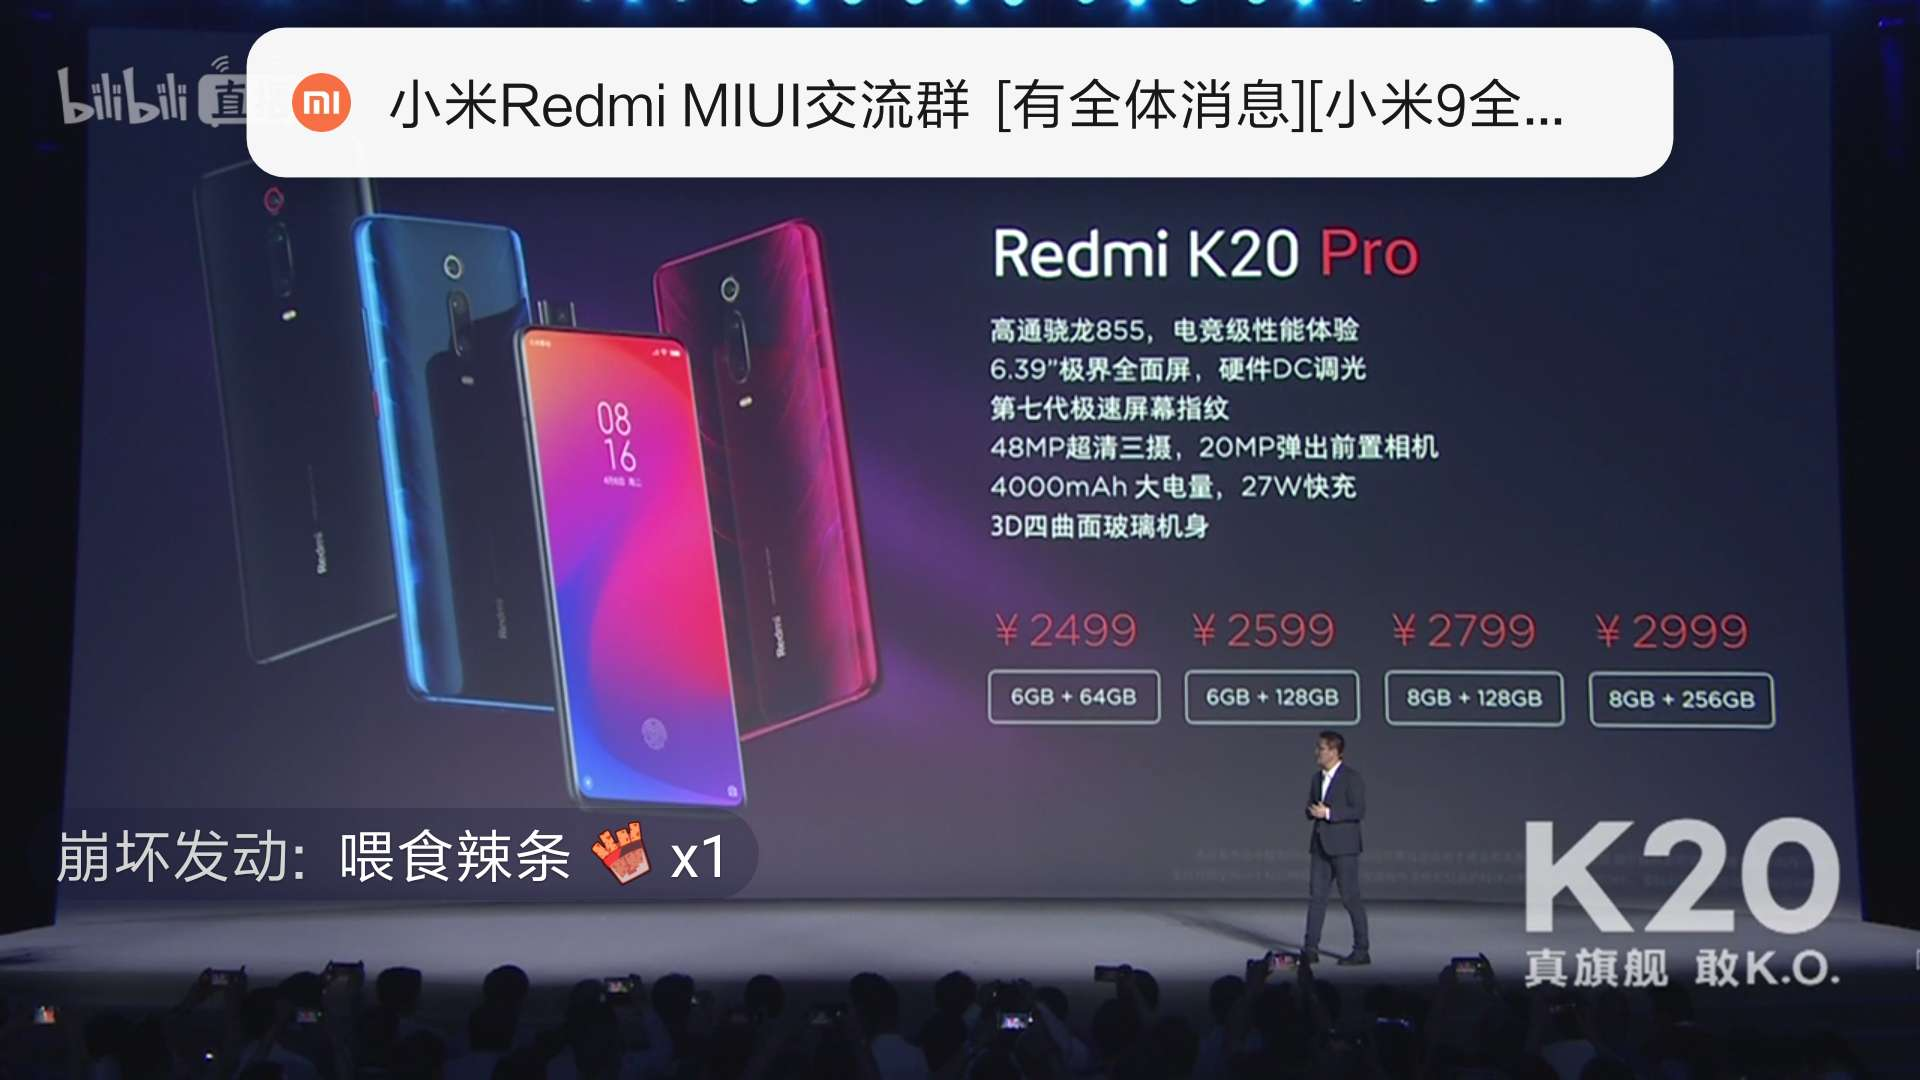 红米K20 Pro是现在最具性价比的855旗舰吗?